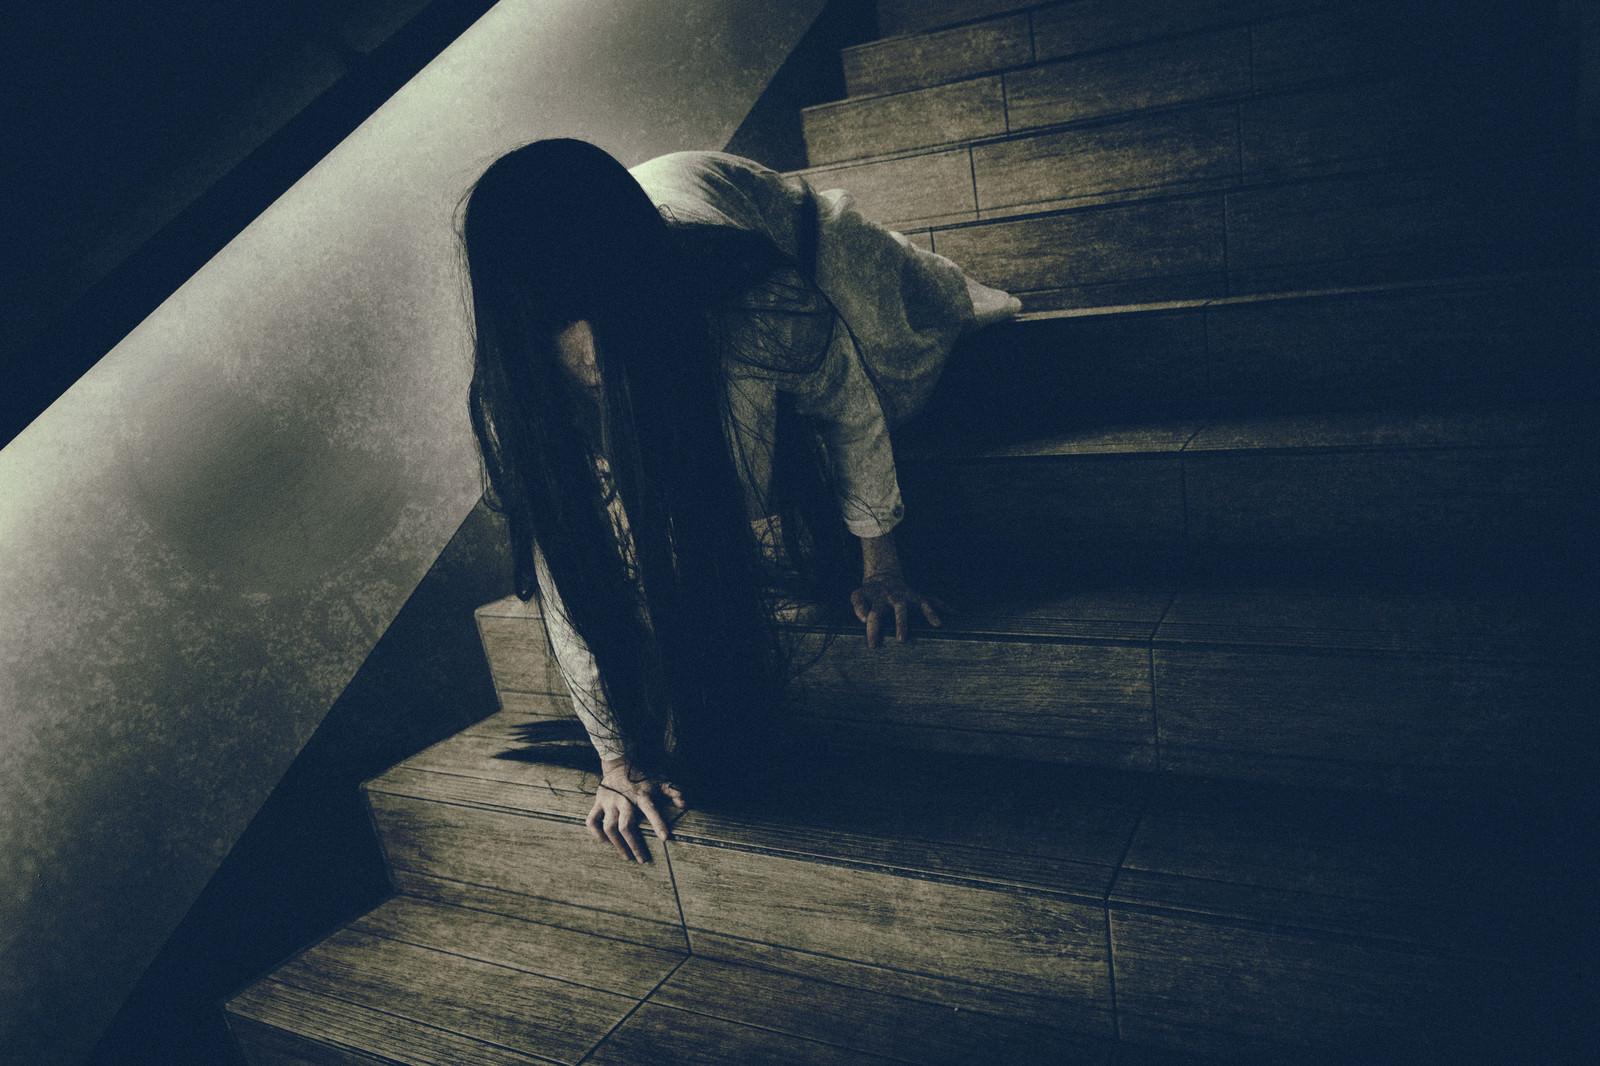 「ゆっくりとこちらを睨みつけようとする階段で蹲る女性」の写真[モデル:緋真煉]